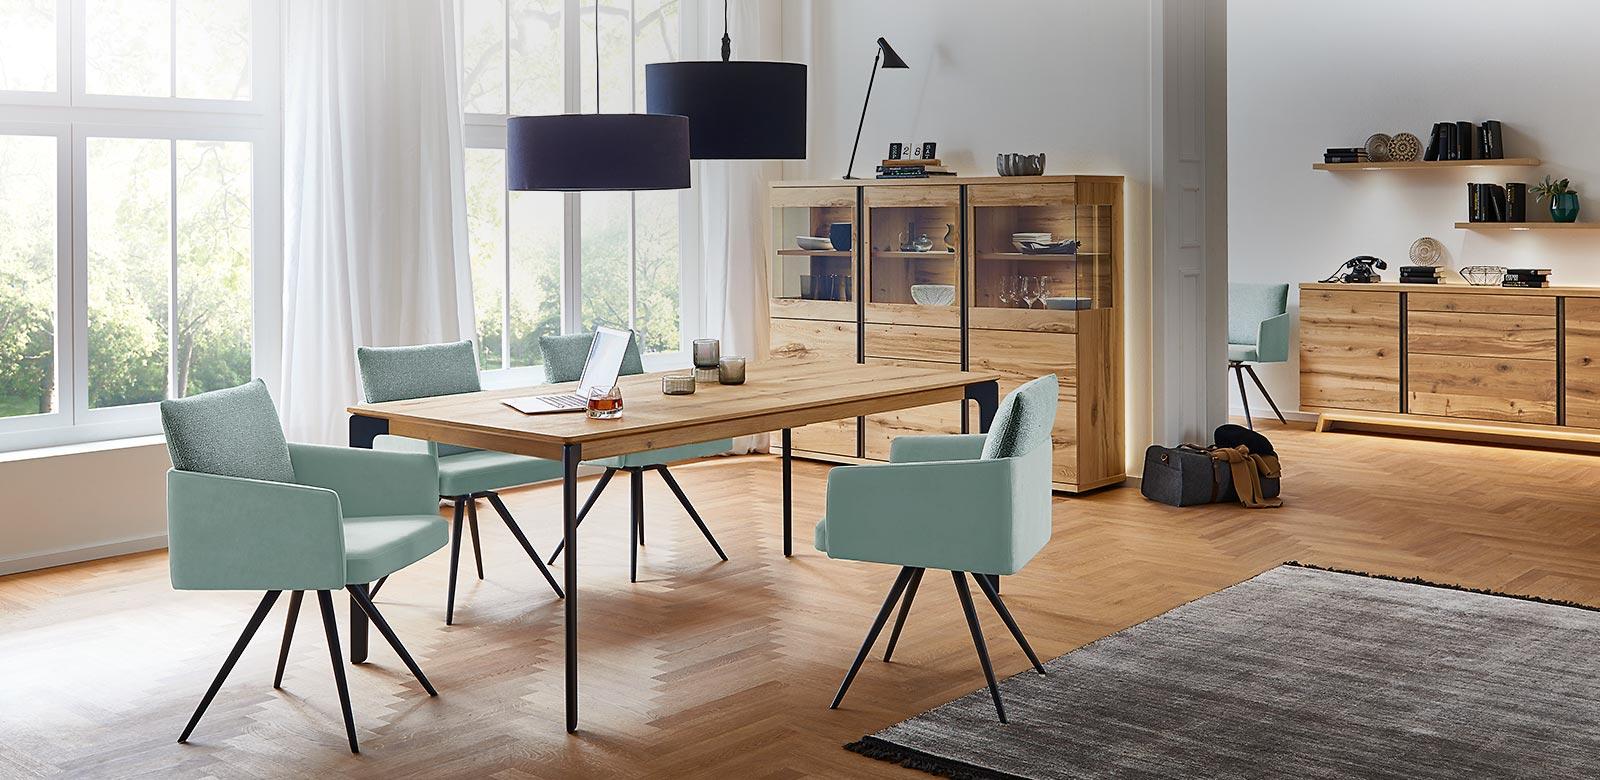 venjakob m bel vorsprung durch design und qualit t. Black Bedroom Furniture Sets. Home Design Ideas